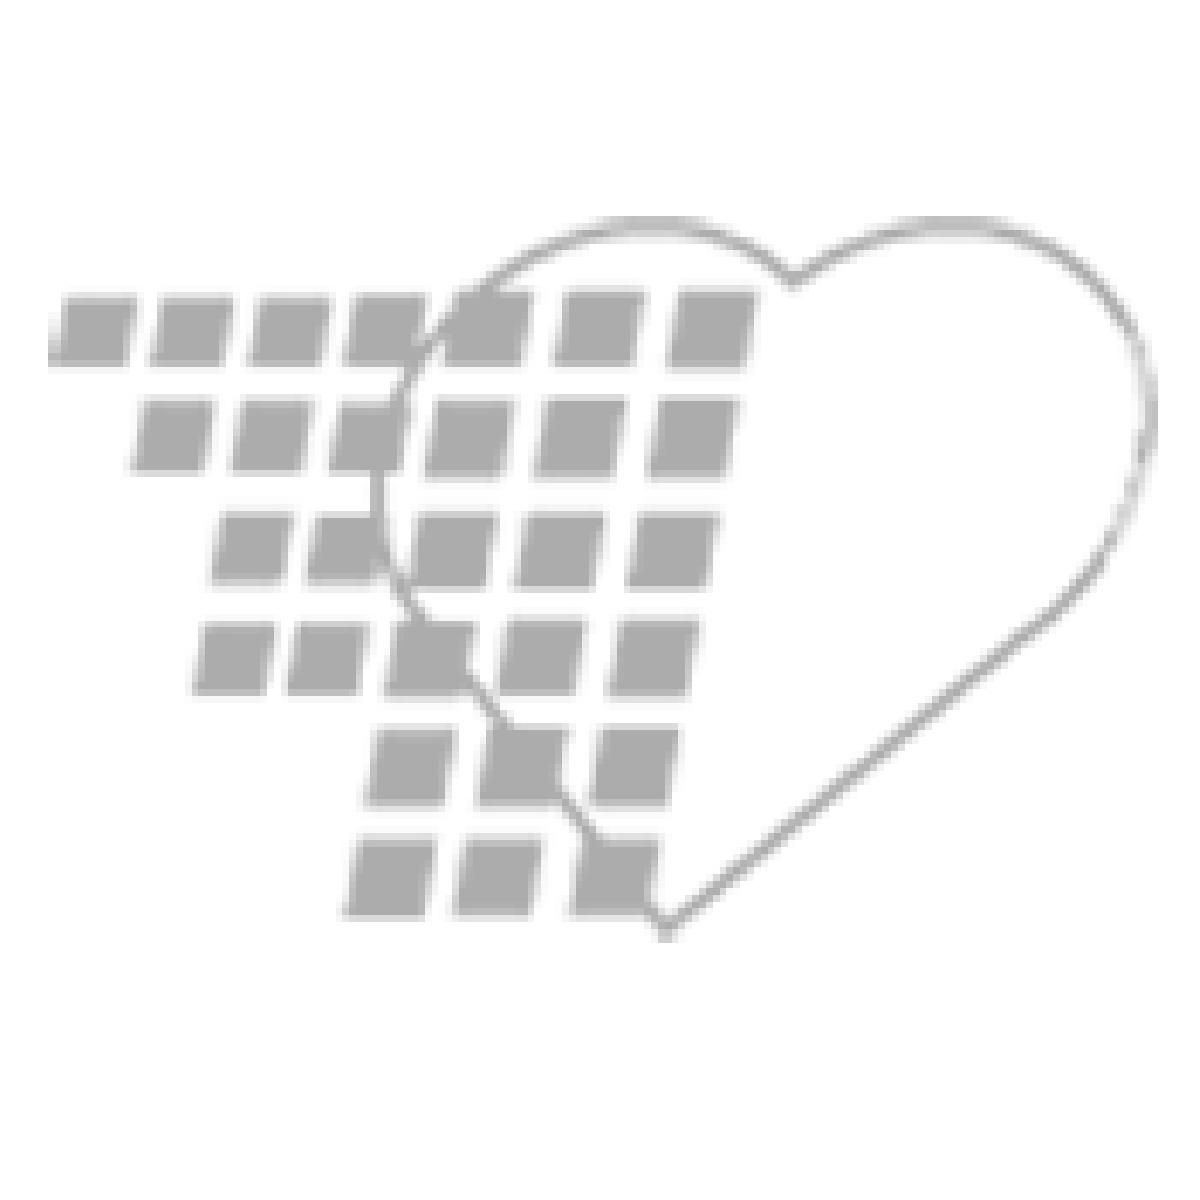 11-99-0741 Nasco Infant Intermittent Catheter